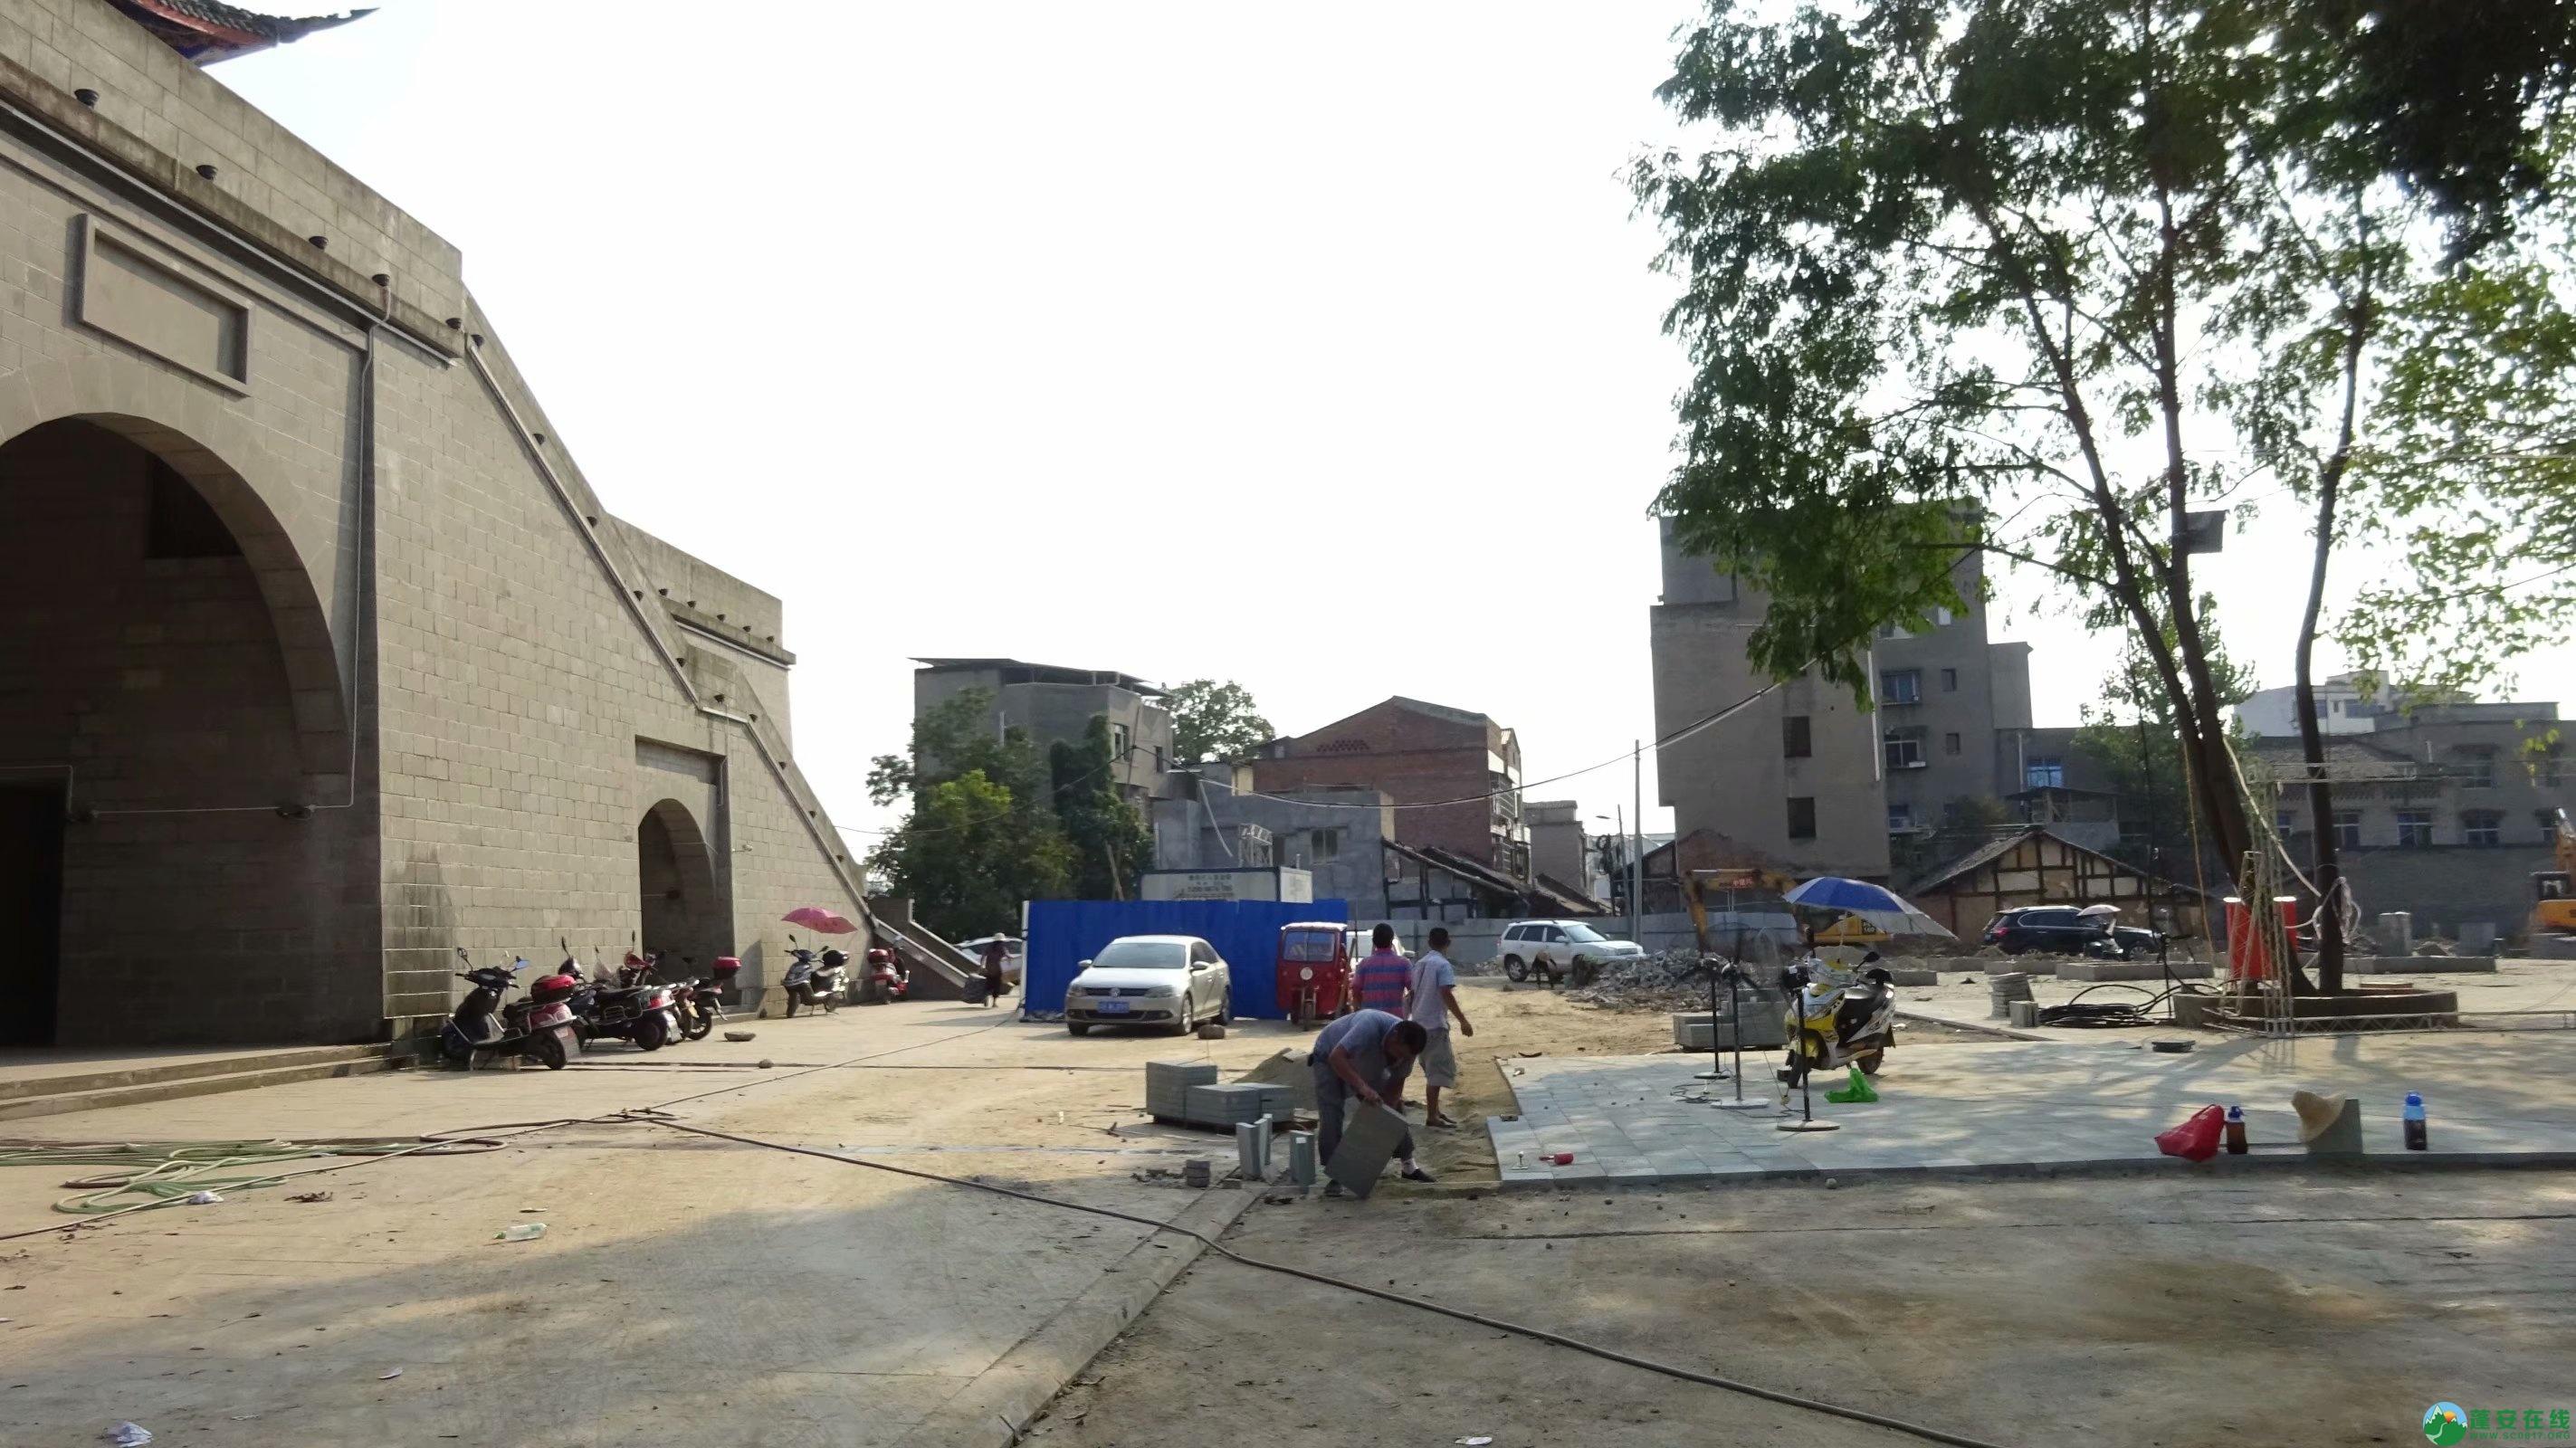 蓬安锦屏相如故城建设迅猛 - 第28张  | 蓬安在线